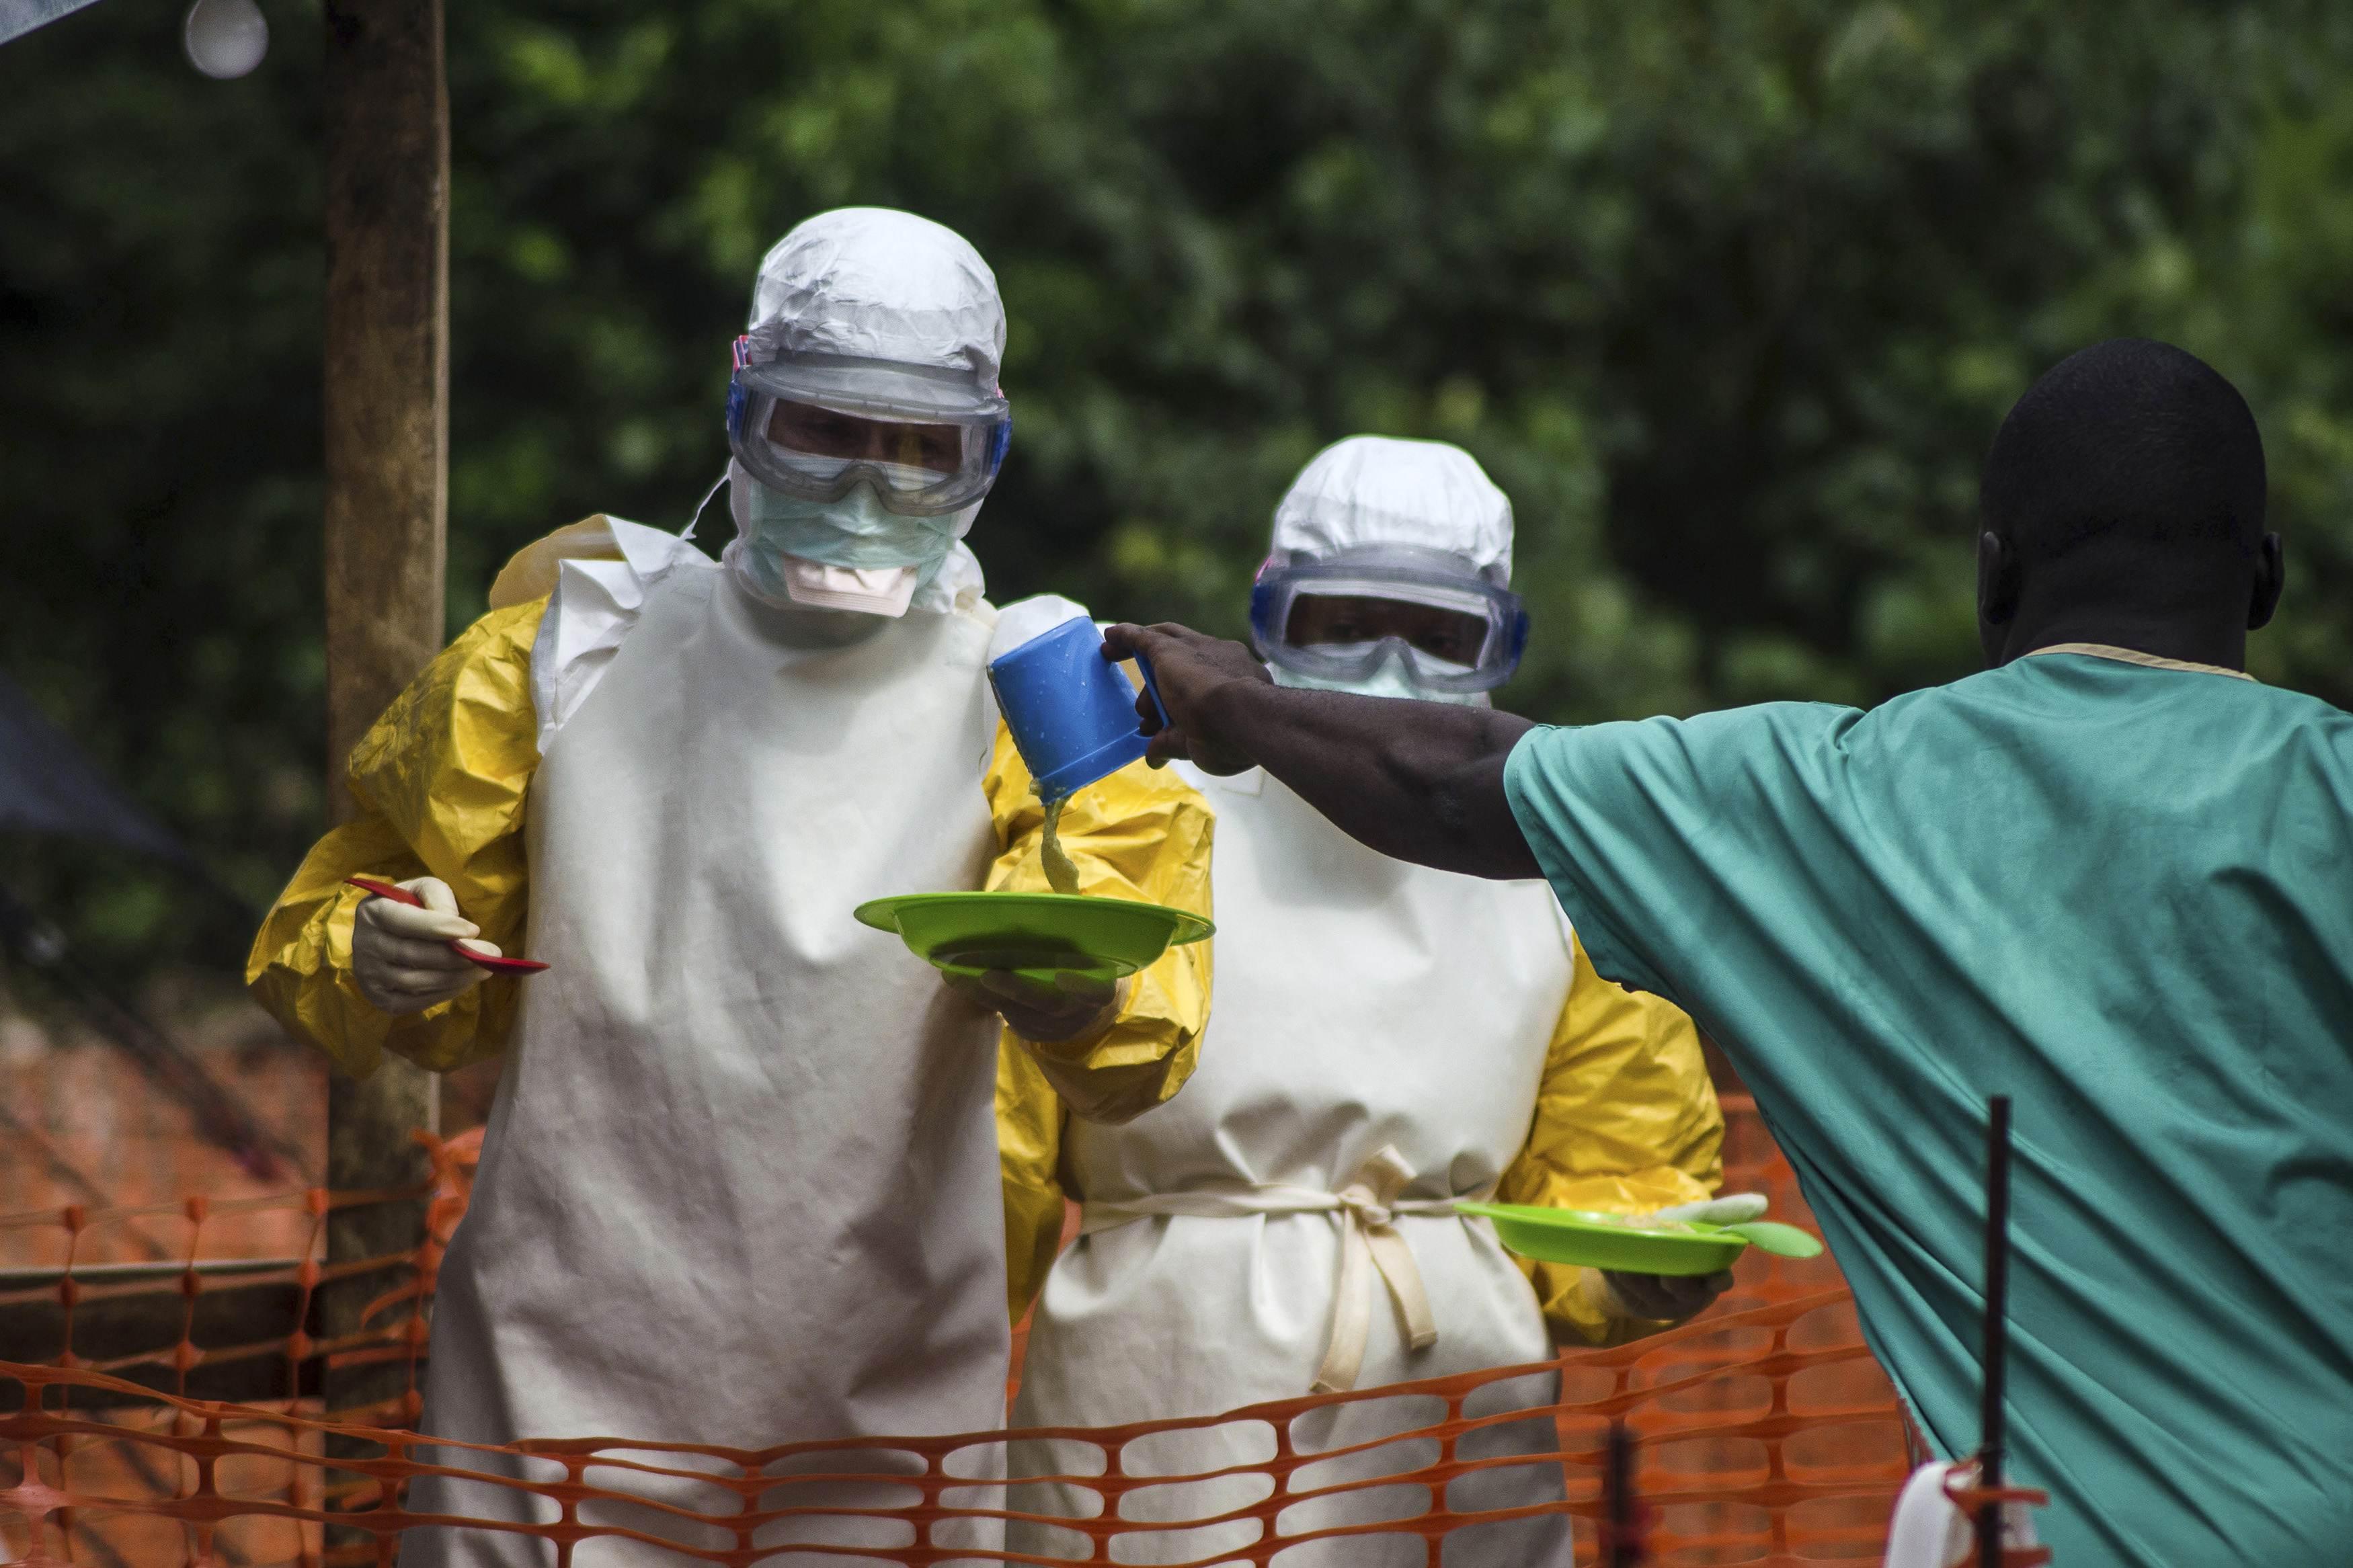 Эбола вируст халдвар дэлхий 9 улсад бүртгэгдсэн байна